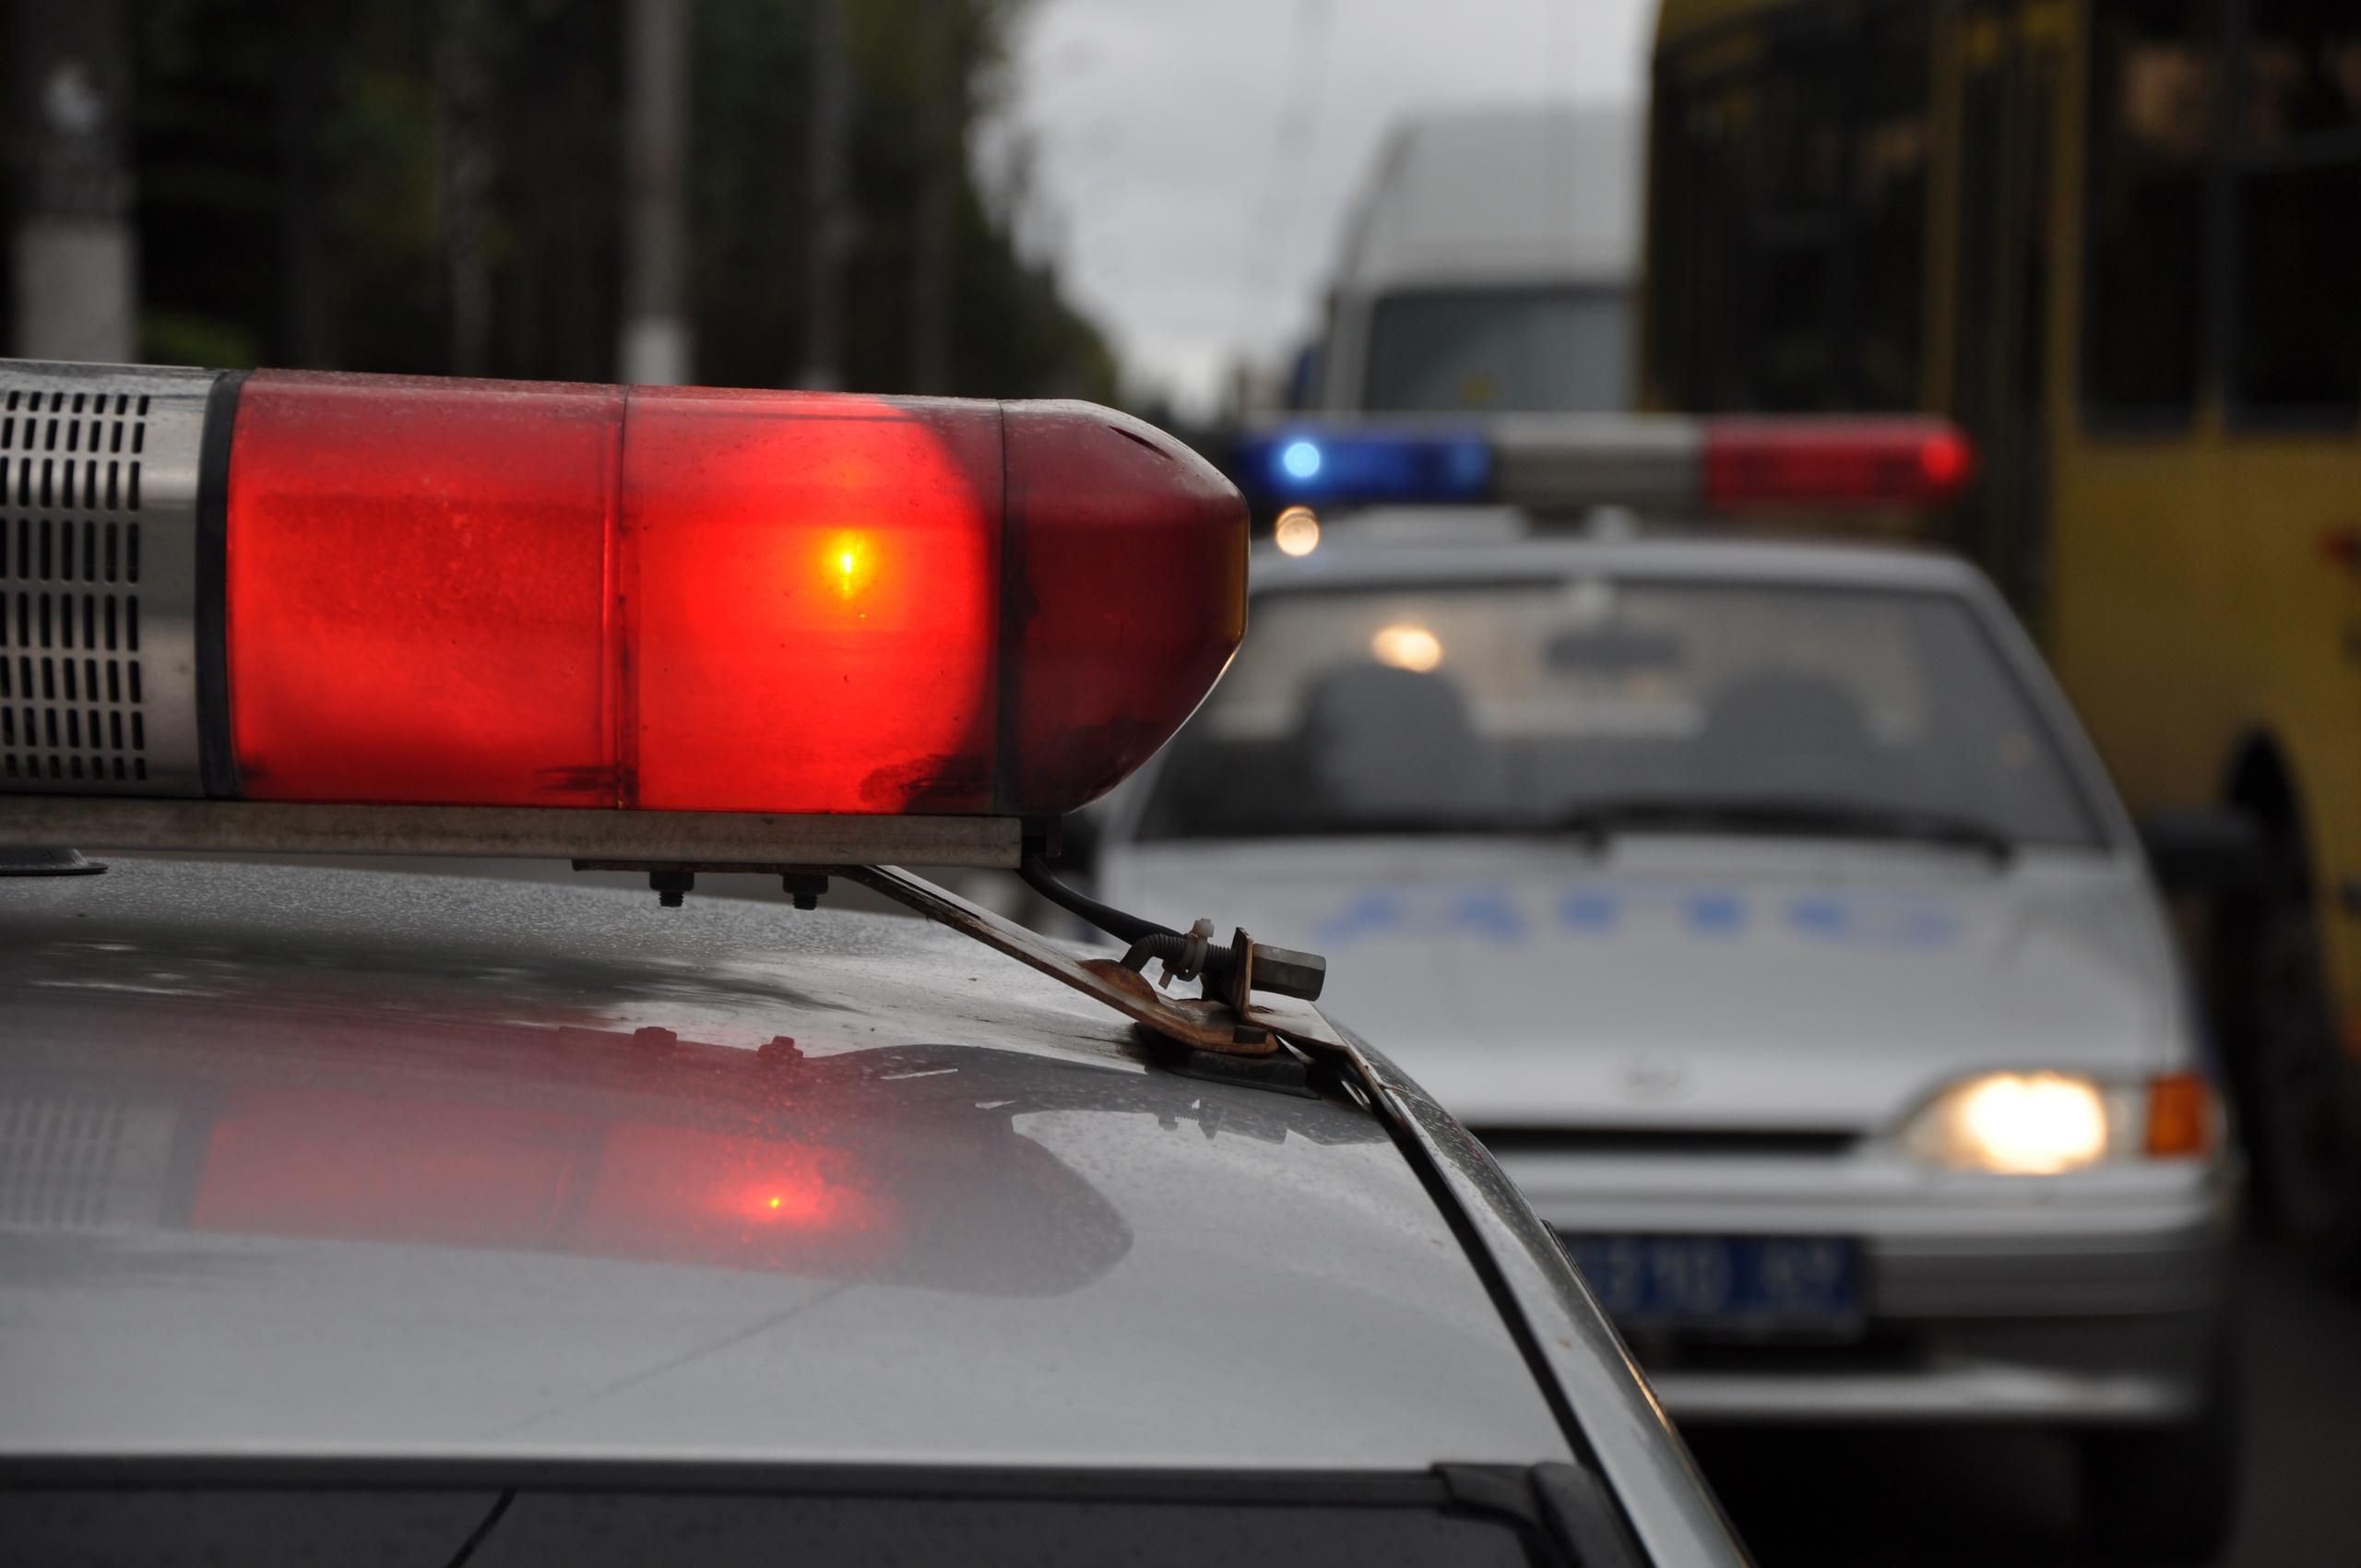 В Твери задержали серийного автоугонщика - новости Афанасий